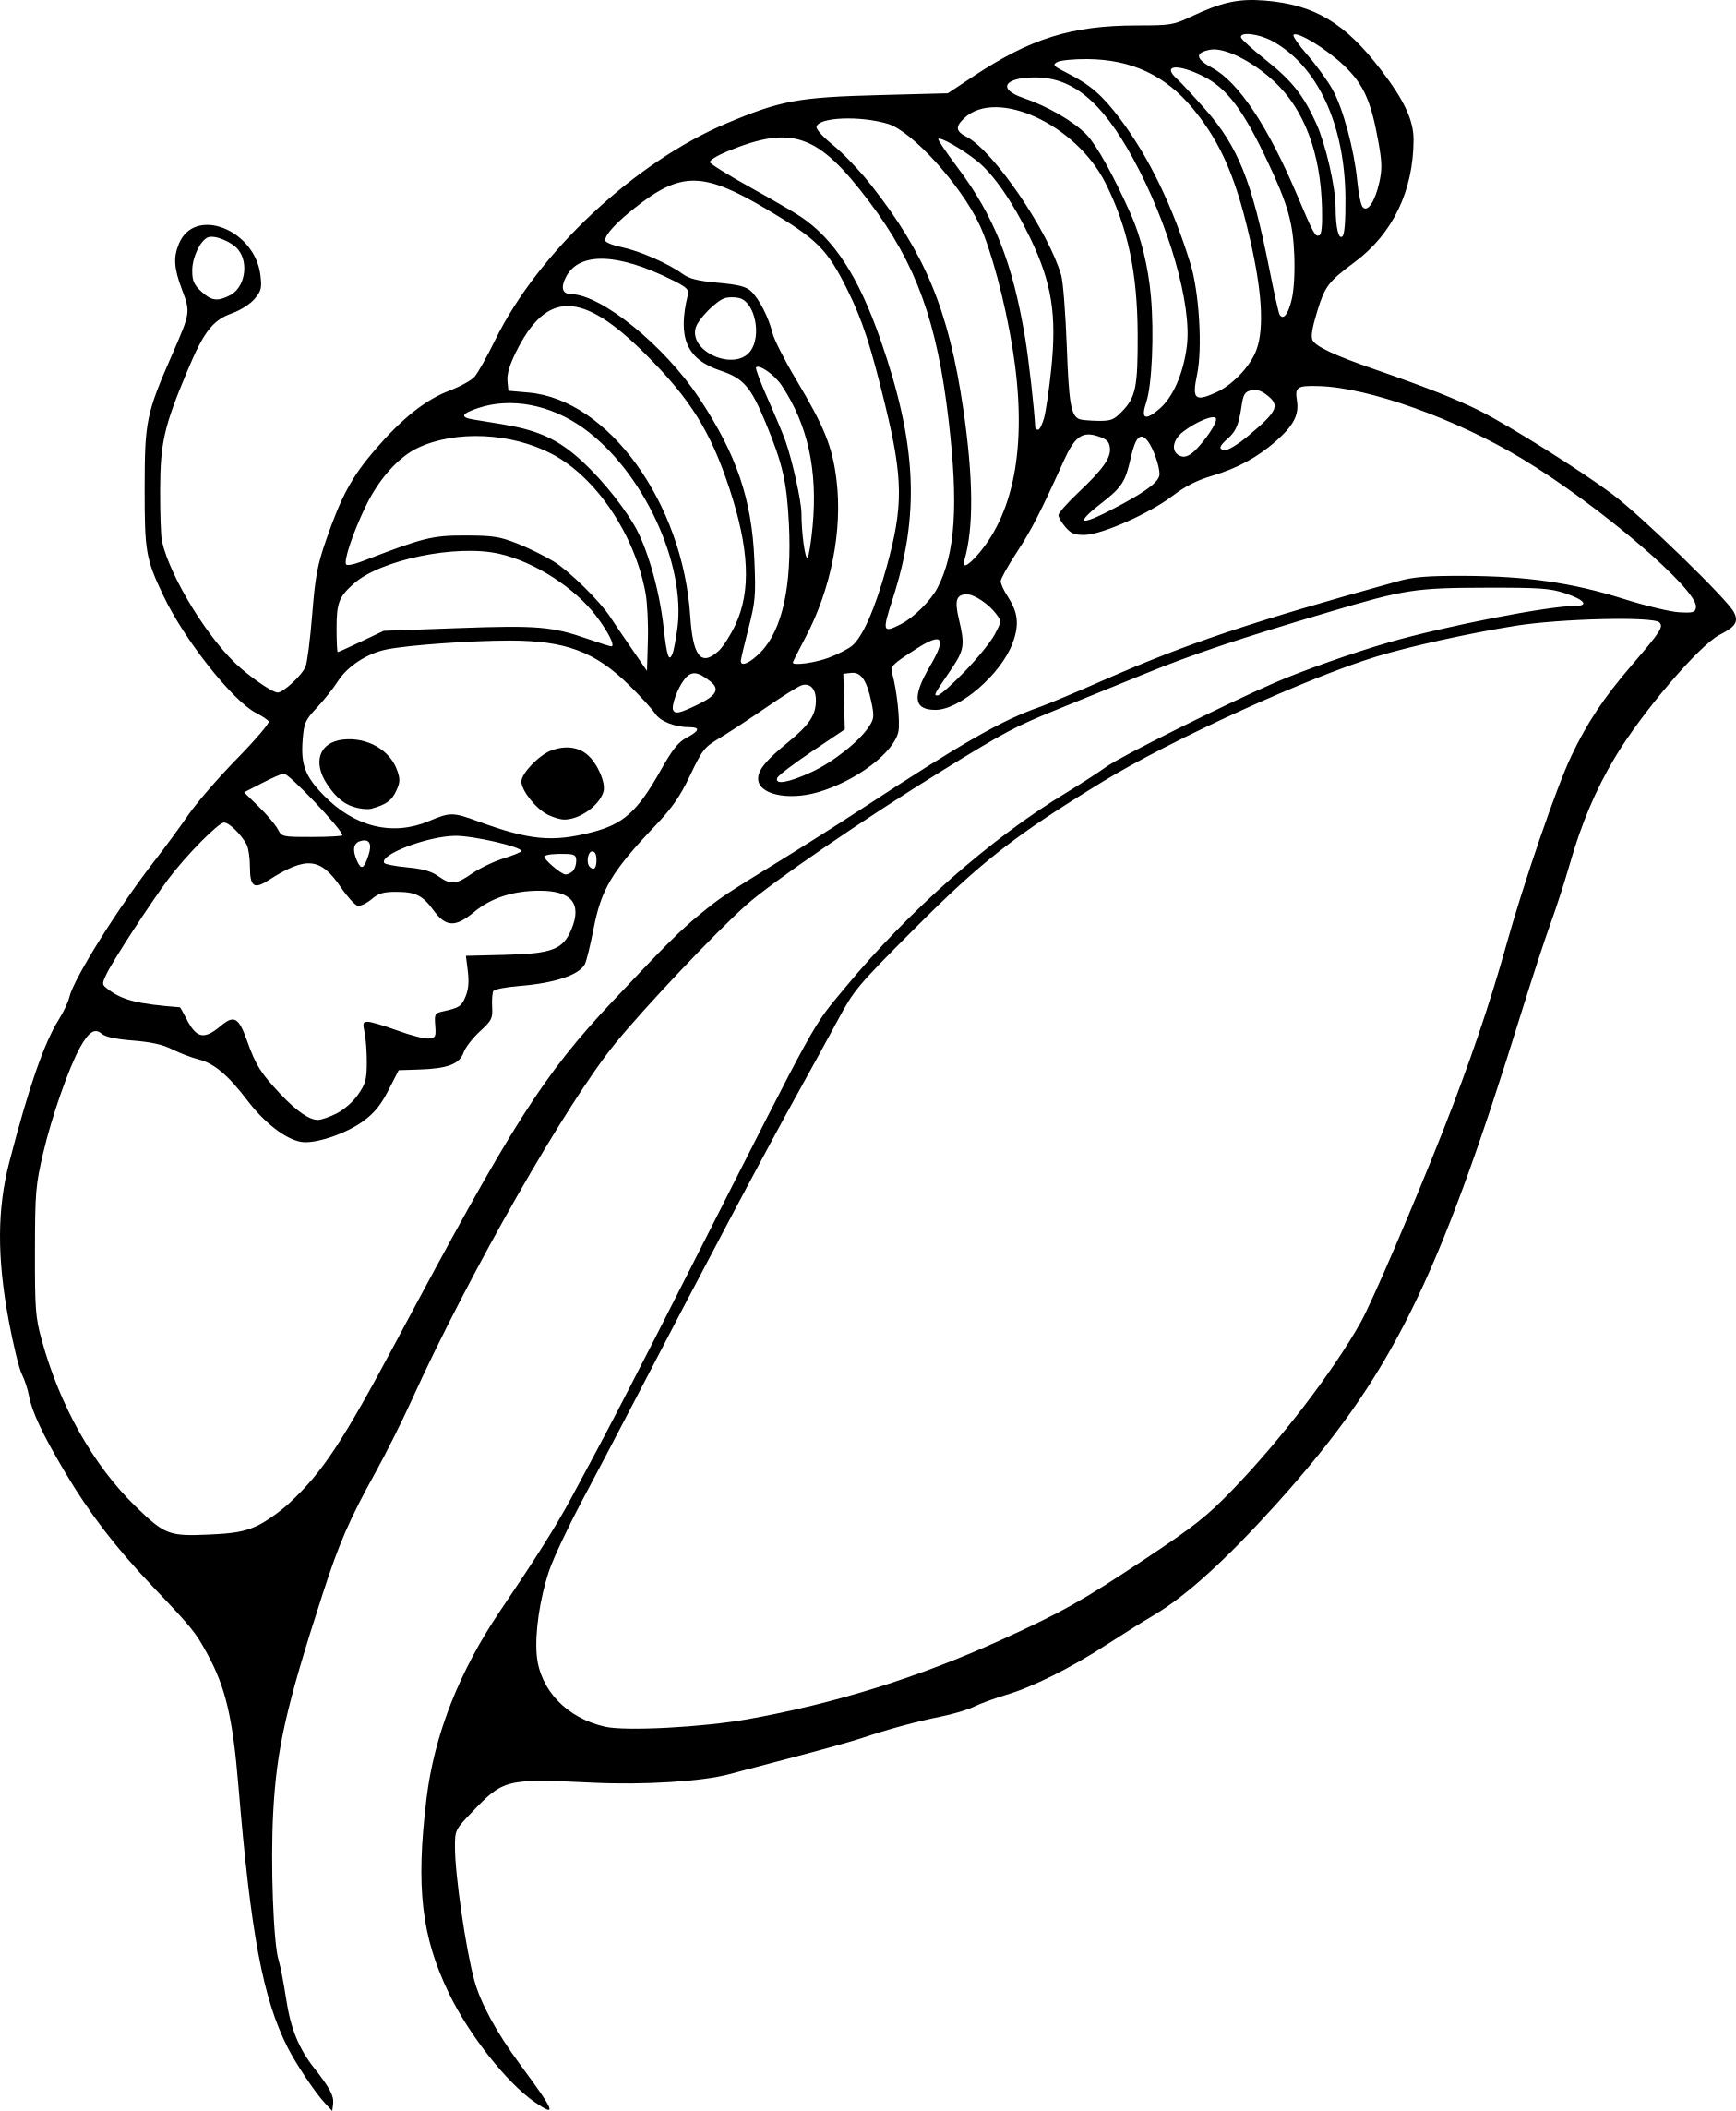 coloriage chenille mange une feuille imprimer - Dessin De Feuille